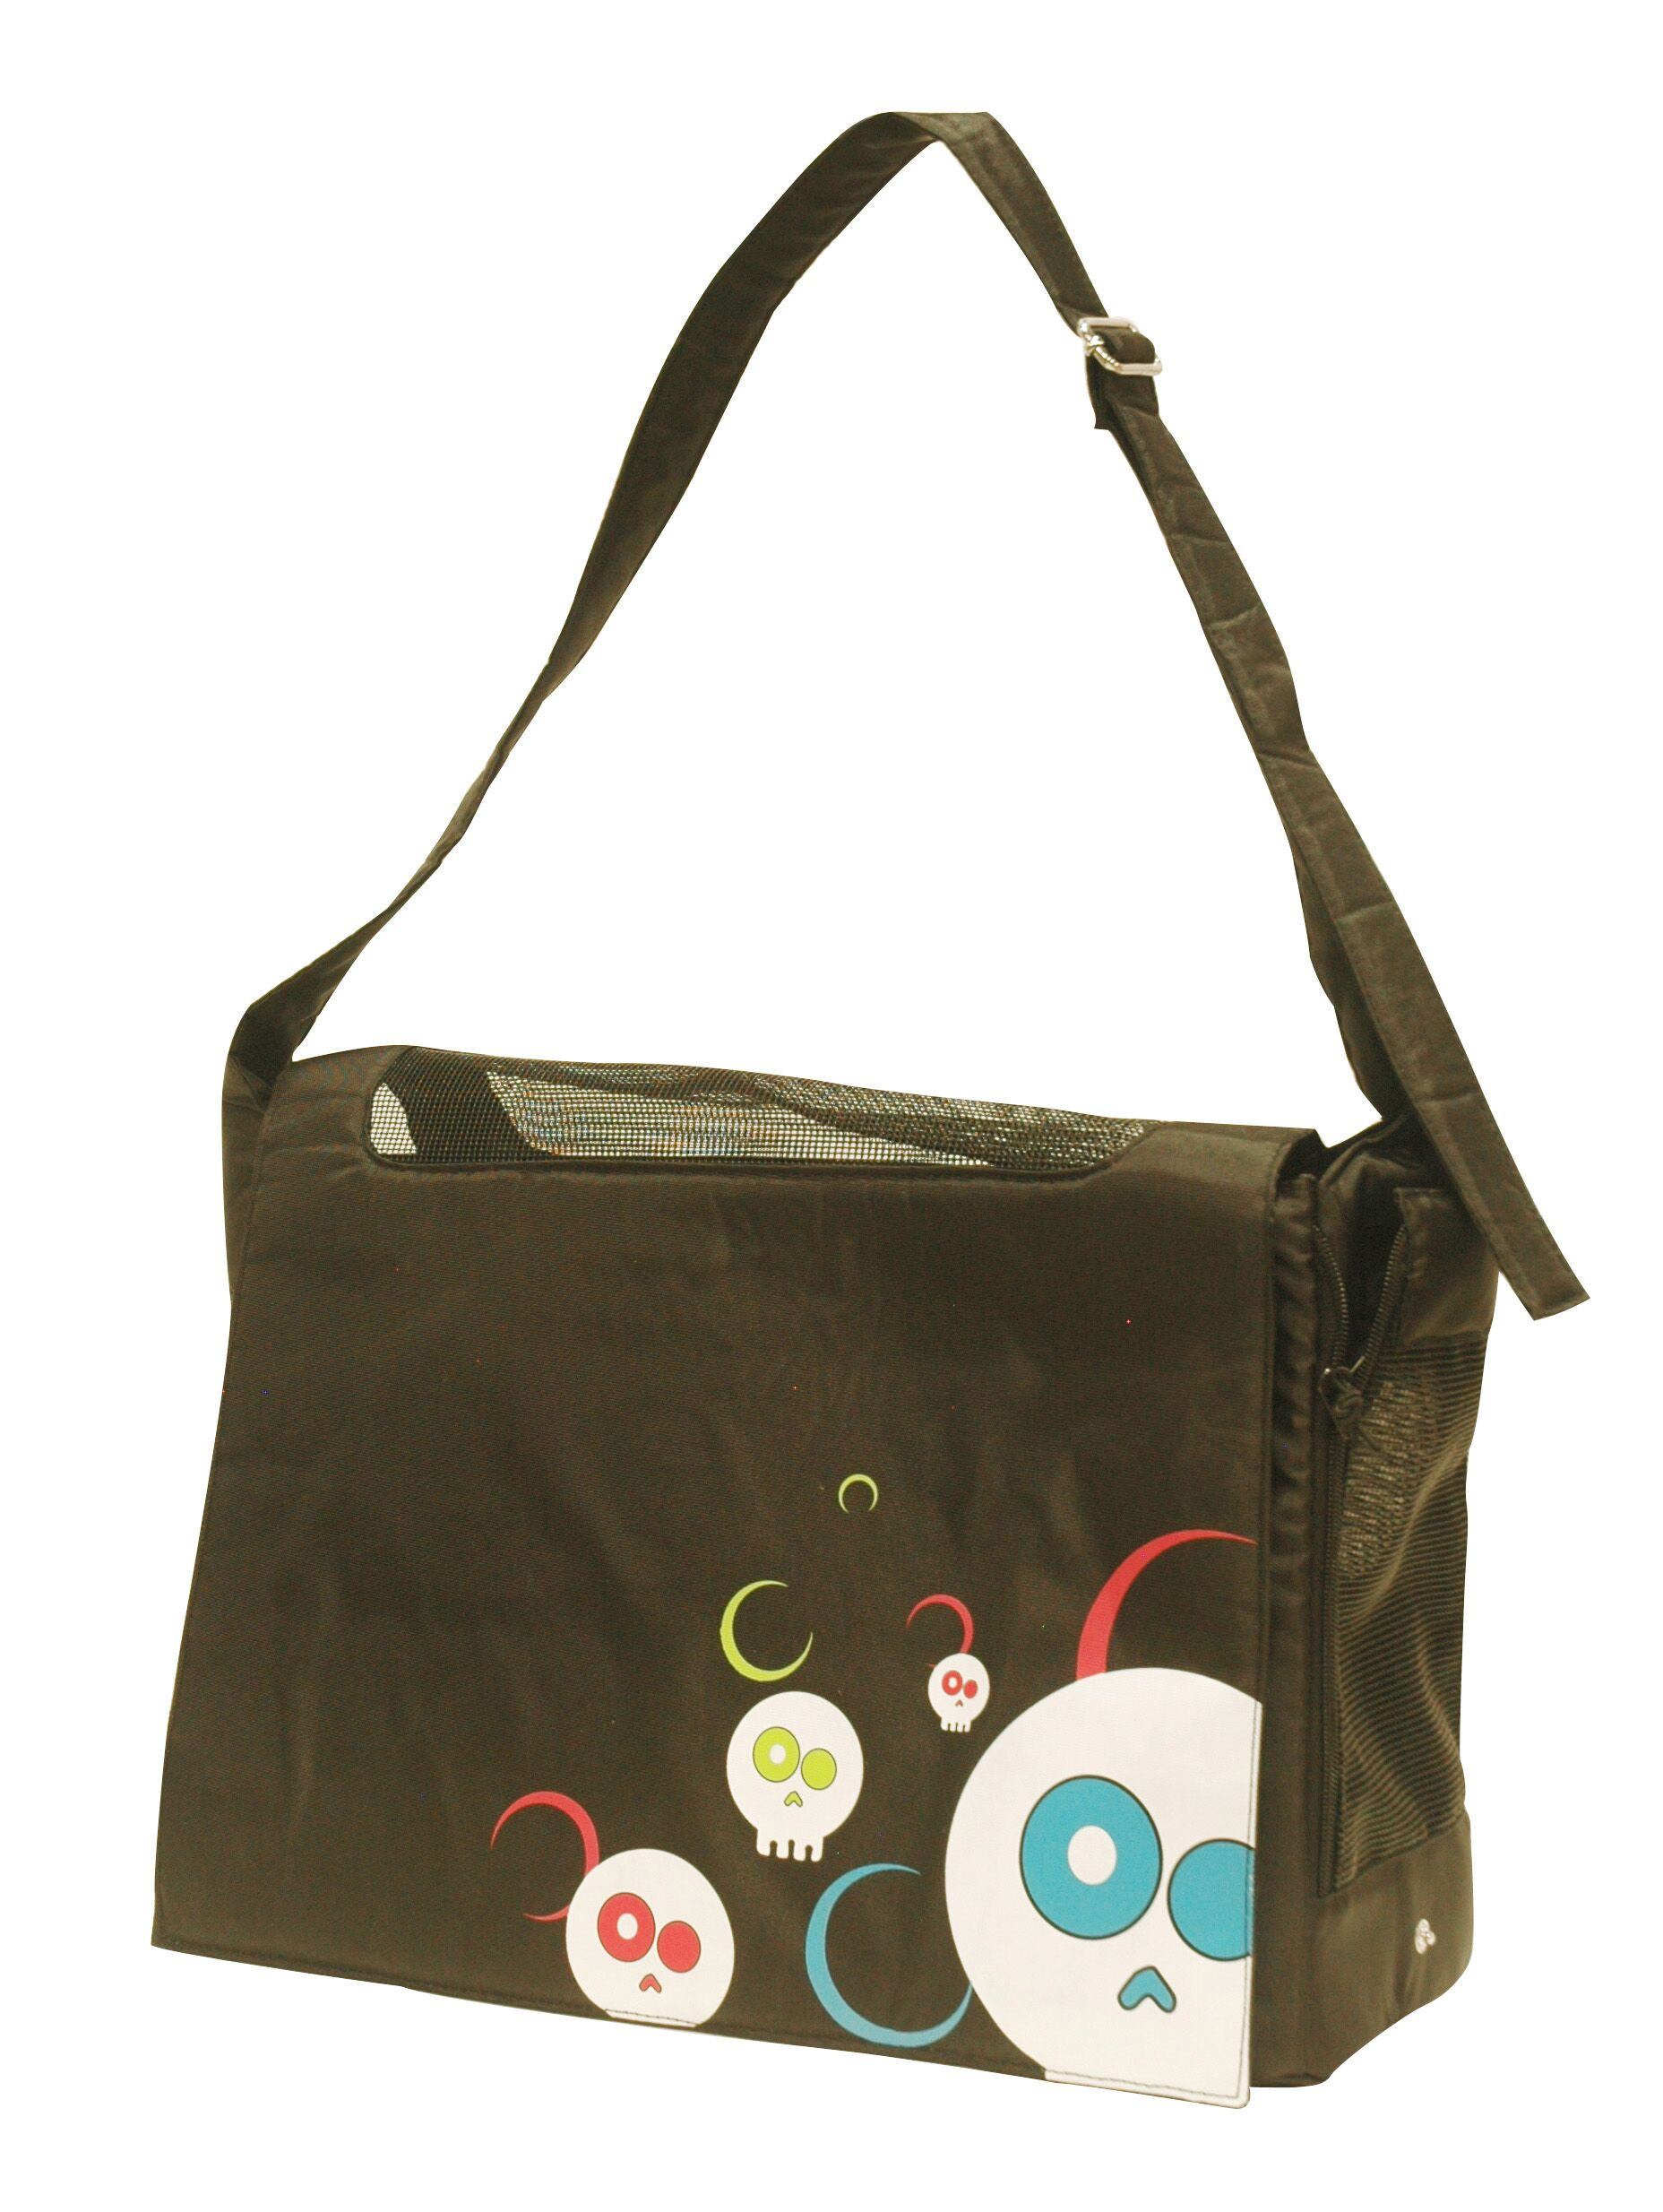 Dogit Messenger Bag Dog Carrier Color: Da Face Black